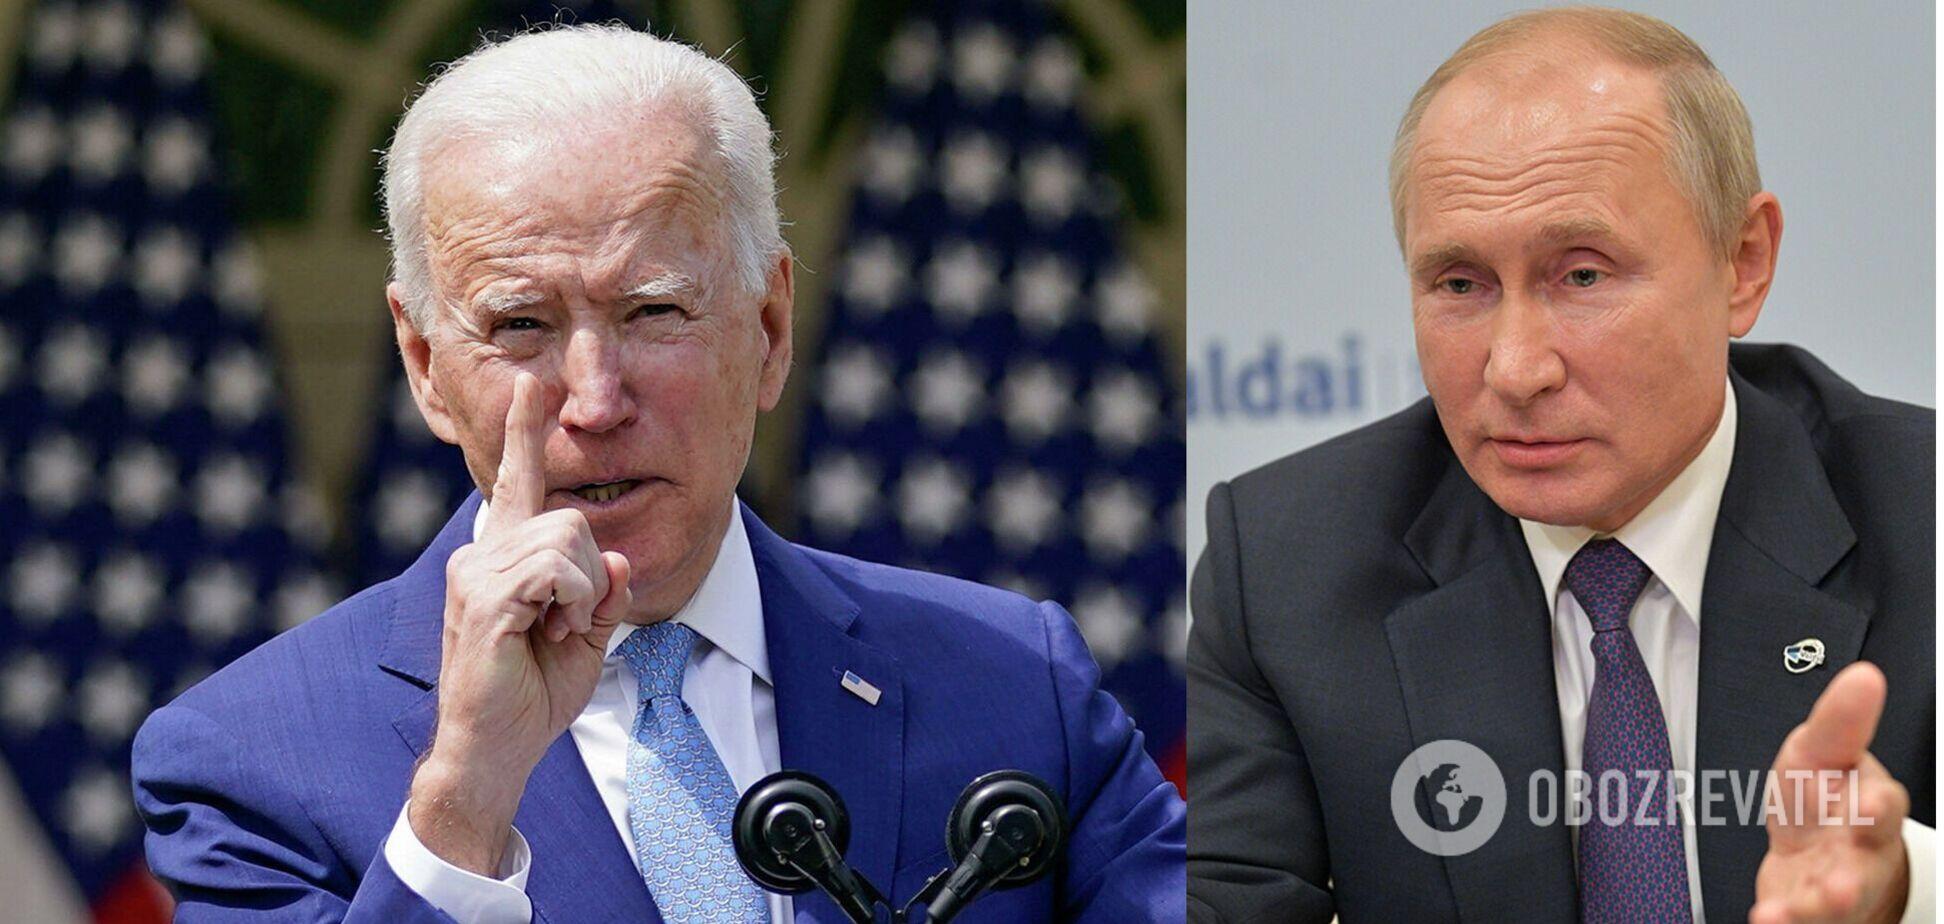 Байдена відрадили від спільної пресконференції з Путіним